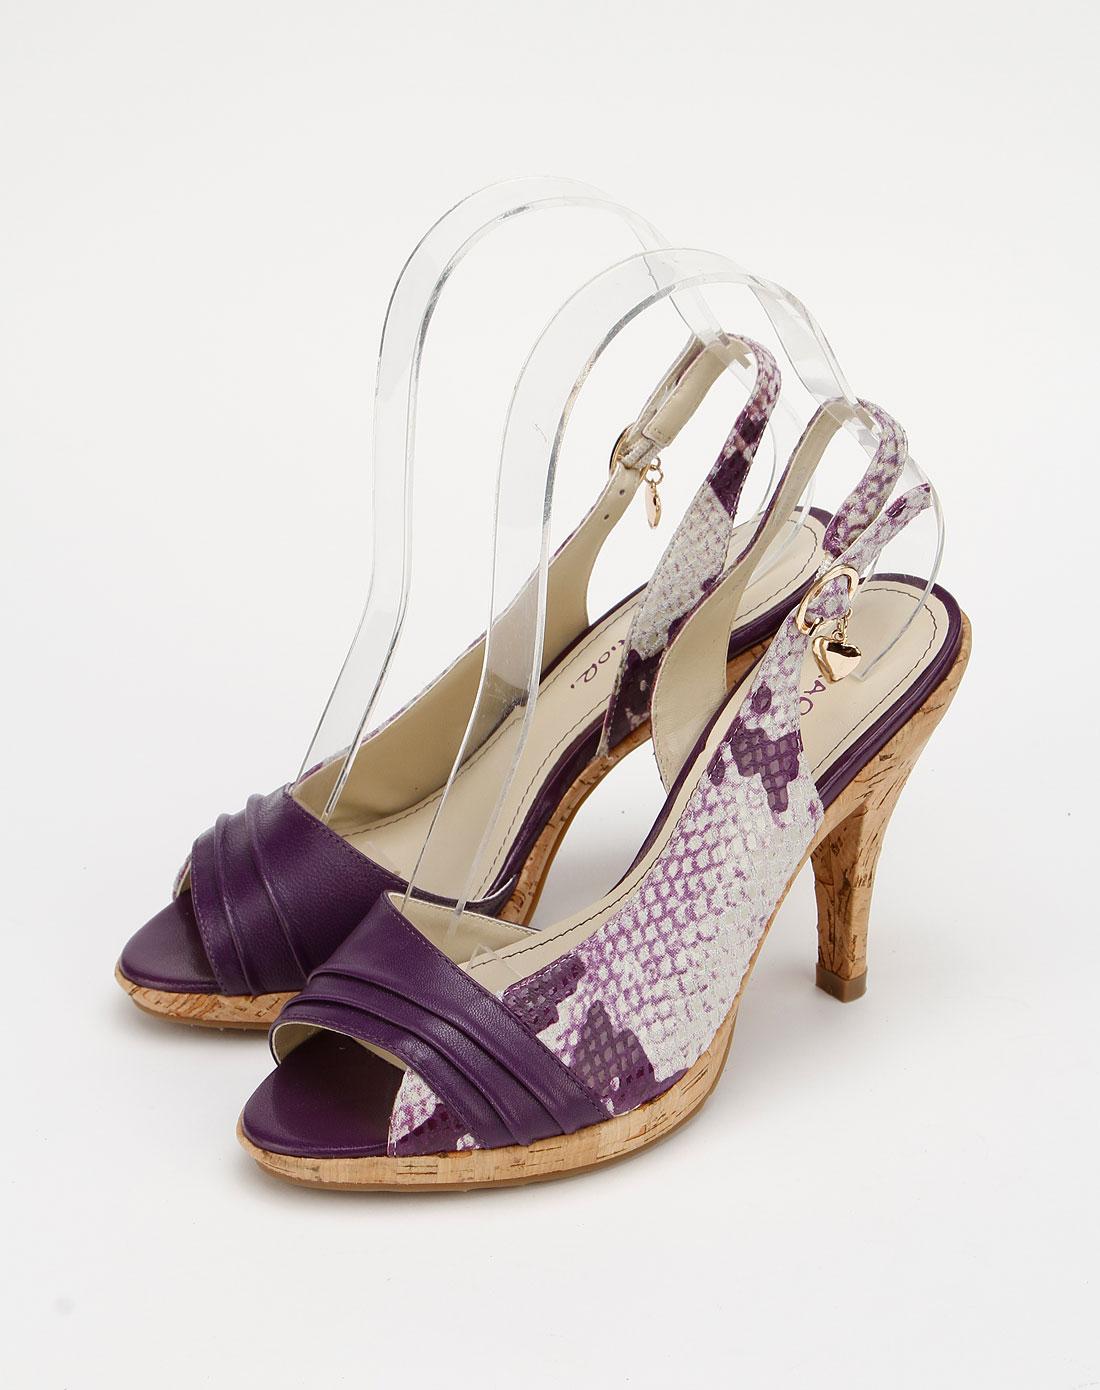 蜜丝罗妮marchiori紫色蛇纹羊皮女凉鞋26101511-0012